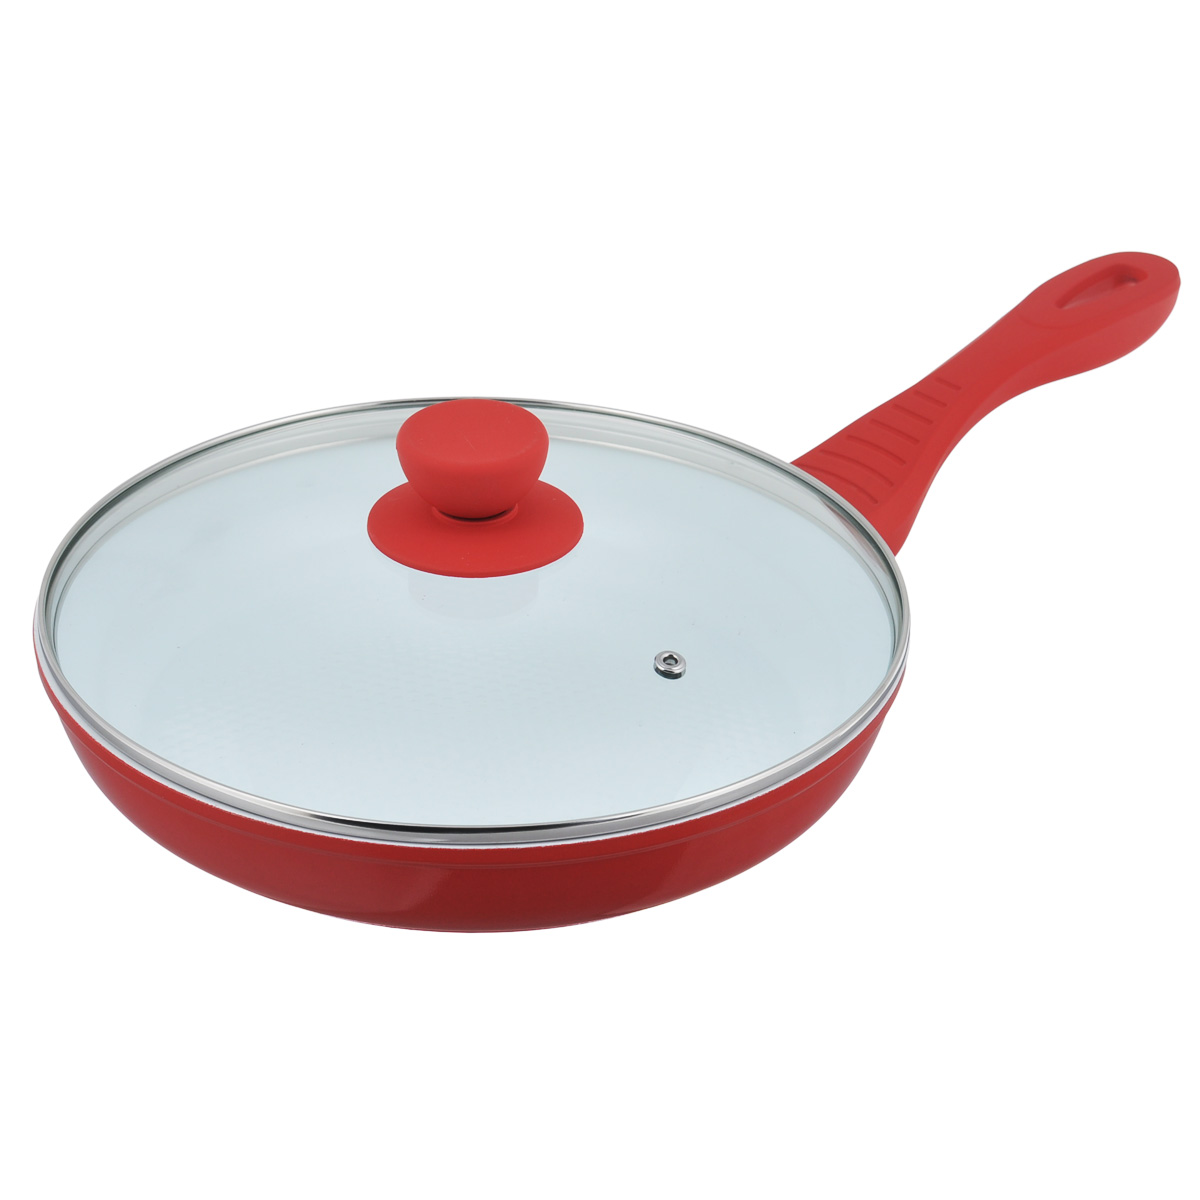 Сковорода Bohmann с крышкой, с керамическим покрытием, цвет: красный. Диаметр 26 см. 7026BH сковороды bohmann сковорода с керамическим покрытием и силиконовой ручкой